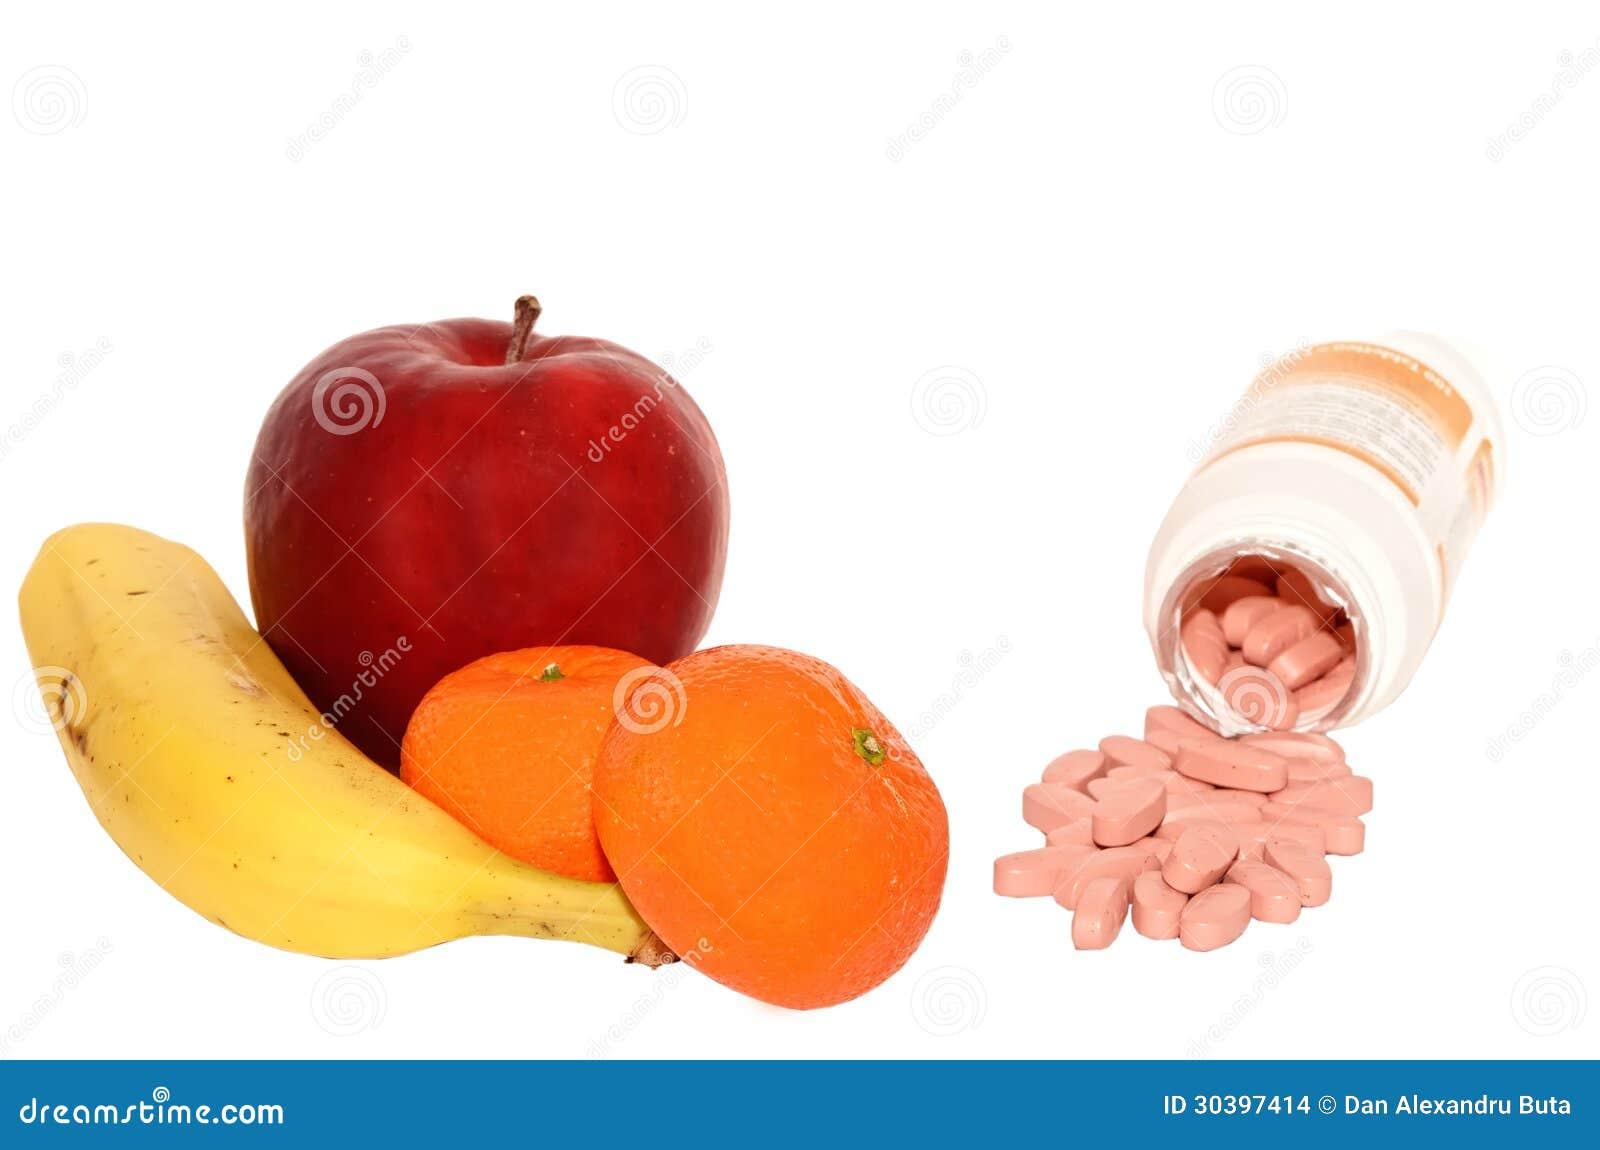 Vitamins - natural vs. artificial